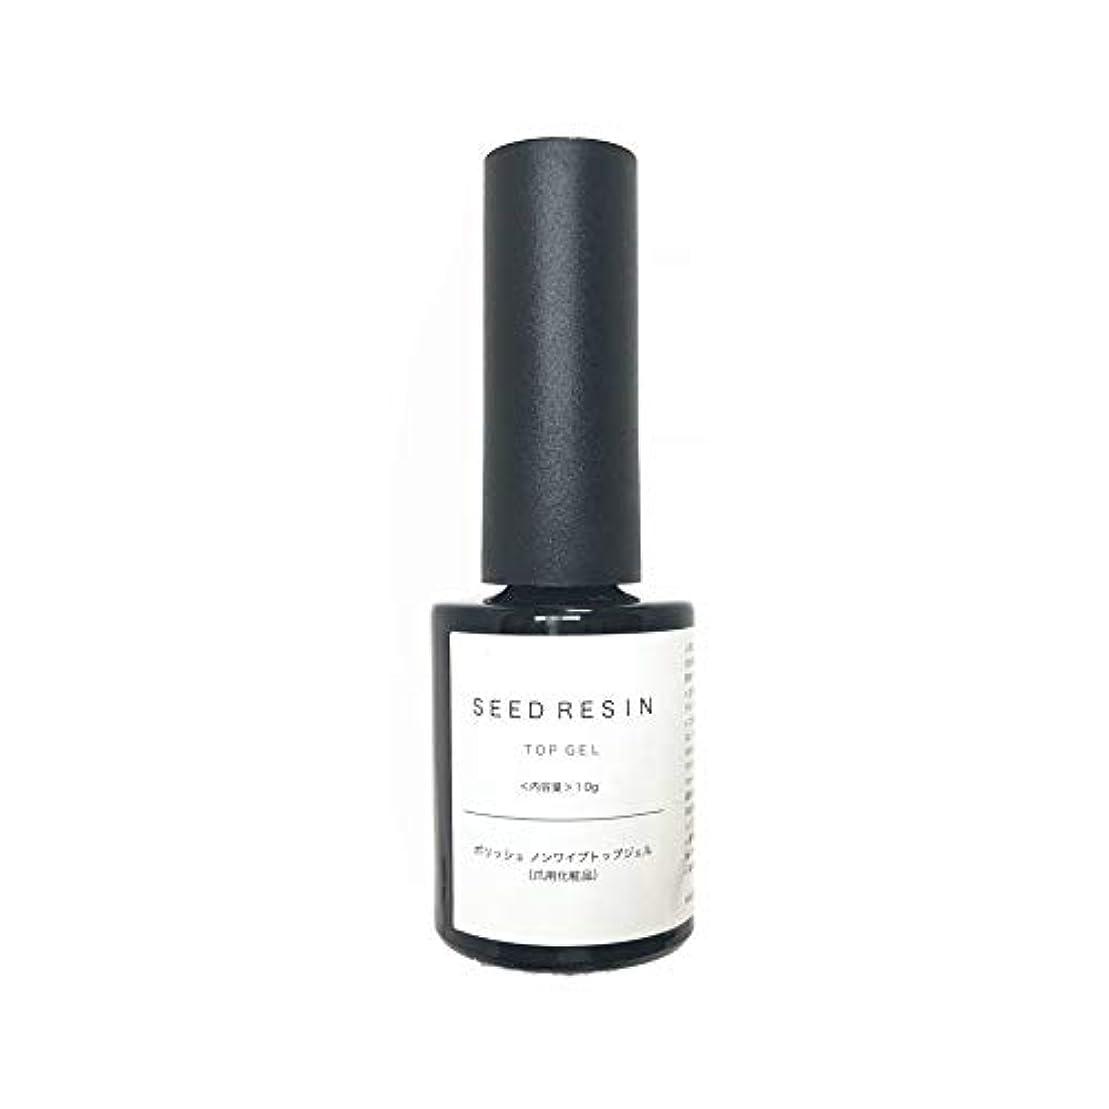 クマノミバンカーヘルパーSEED RESIN(シードレジン) ジェルネイル ポリッシュ ノンワイプ トップジェル 10g 爪用化粧品 日本製